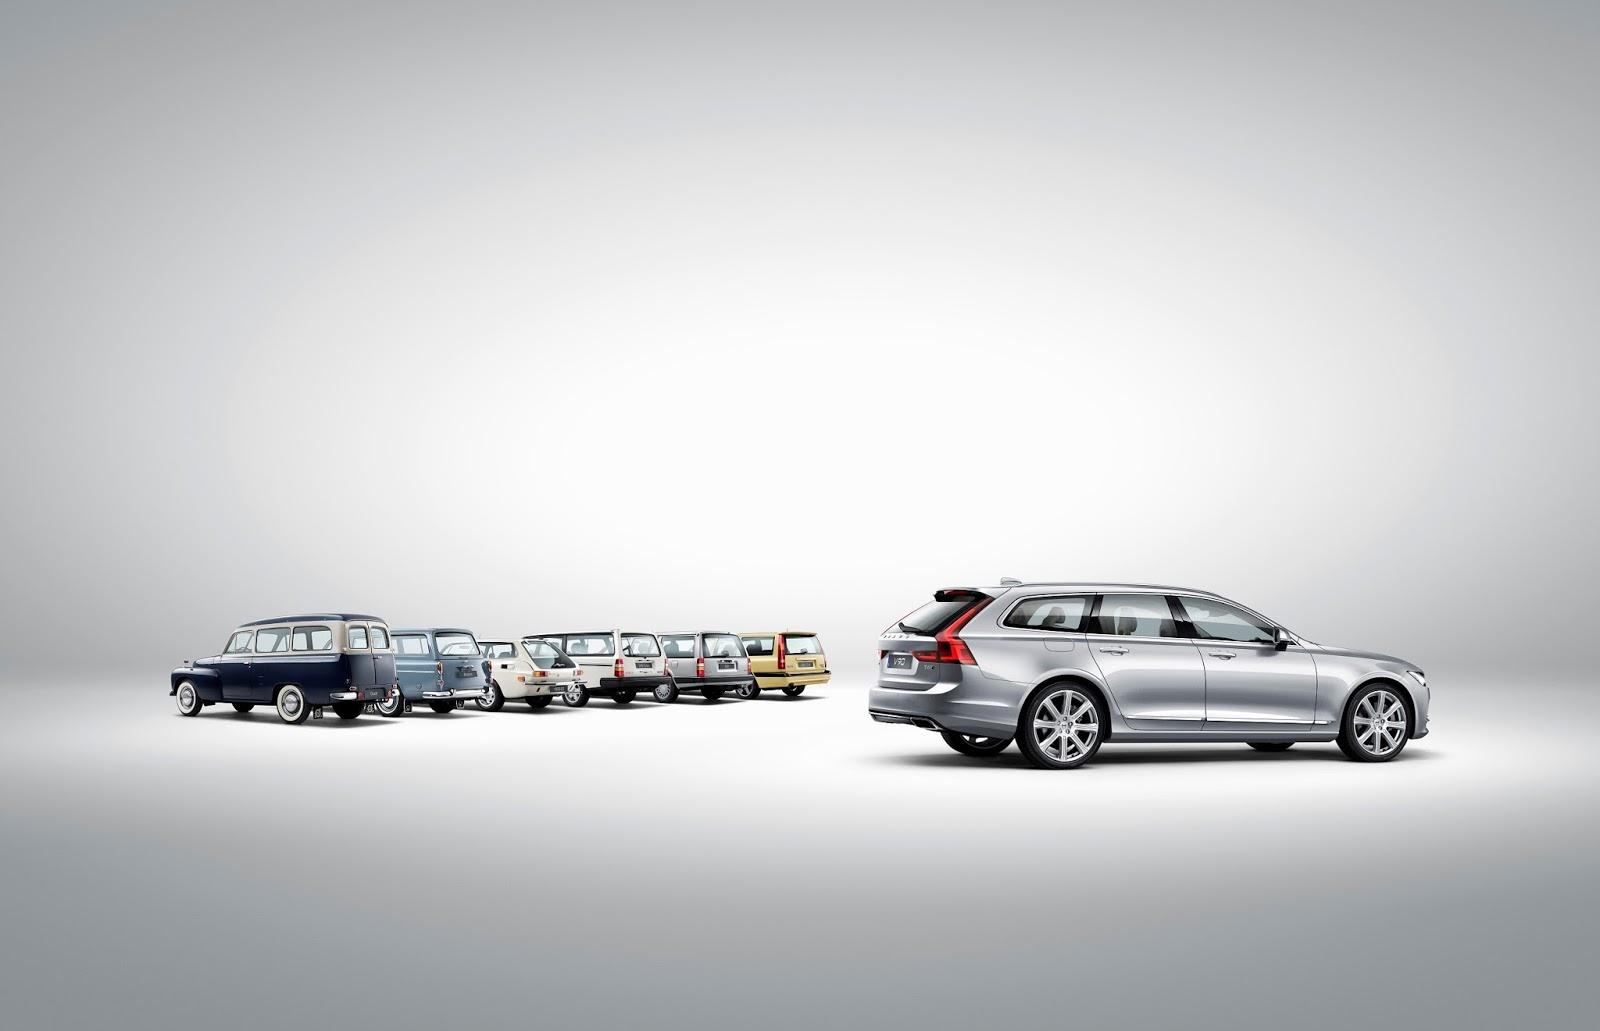 NEO%2BVOLVO%2BV90 5 Το V90 είναι το πιο όμορφο, το πιο ασφαλές station wagon και το πιο... Volvo Station Wagon, Volvo, Volvo V90